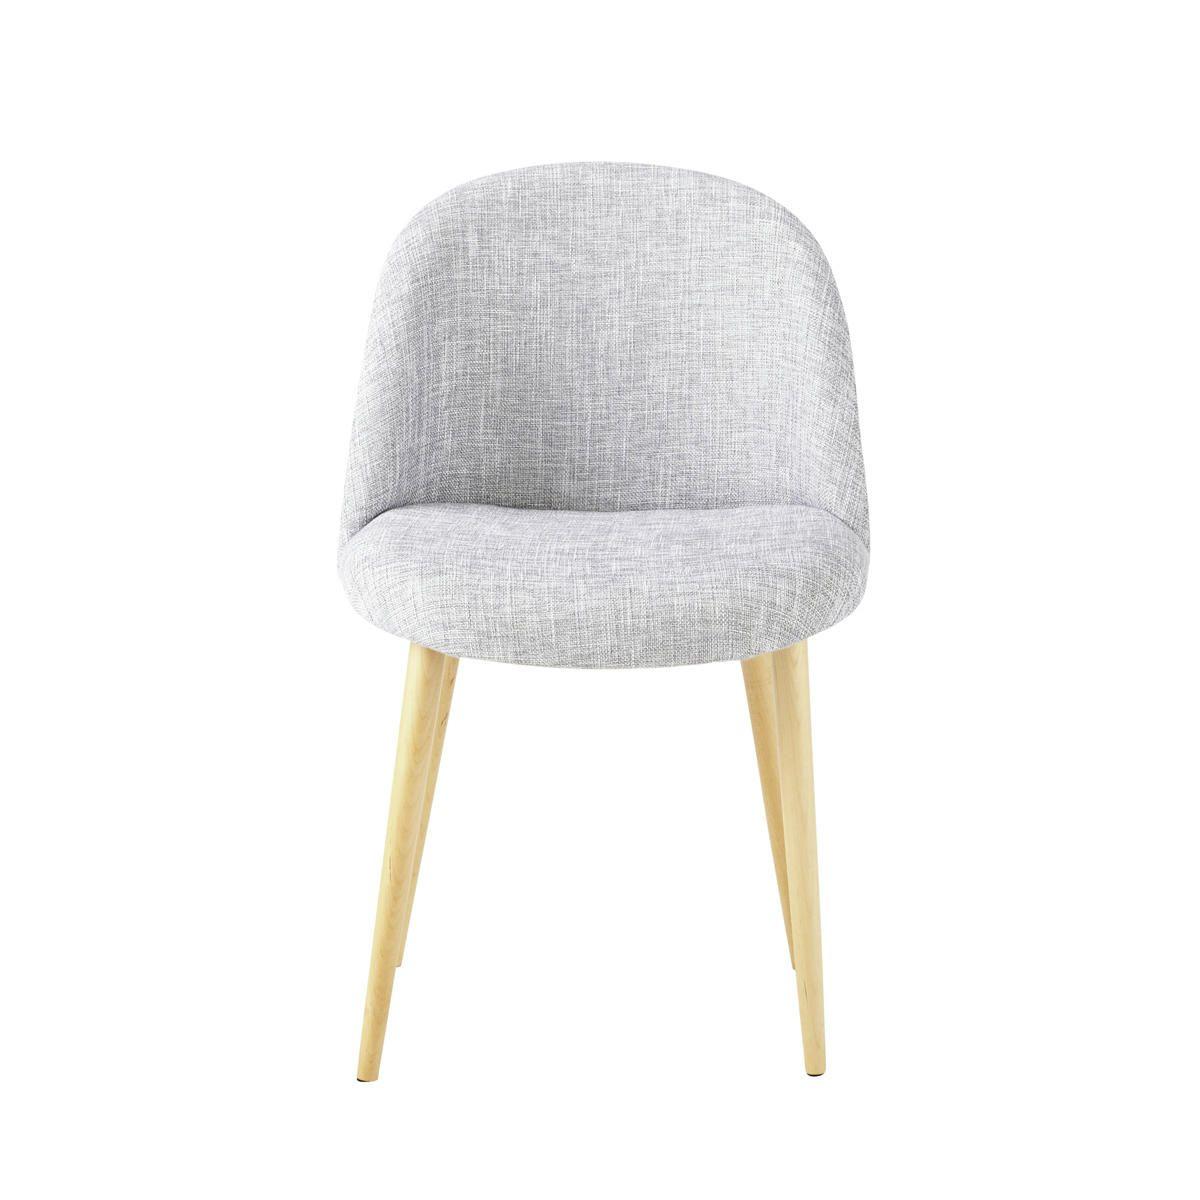 80,19- chaise vintage gris chin  mauricette chez maisons du monde ... - Chaise Tulipe Maison Du Monde